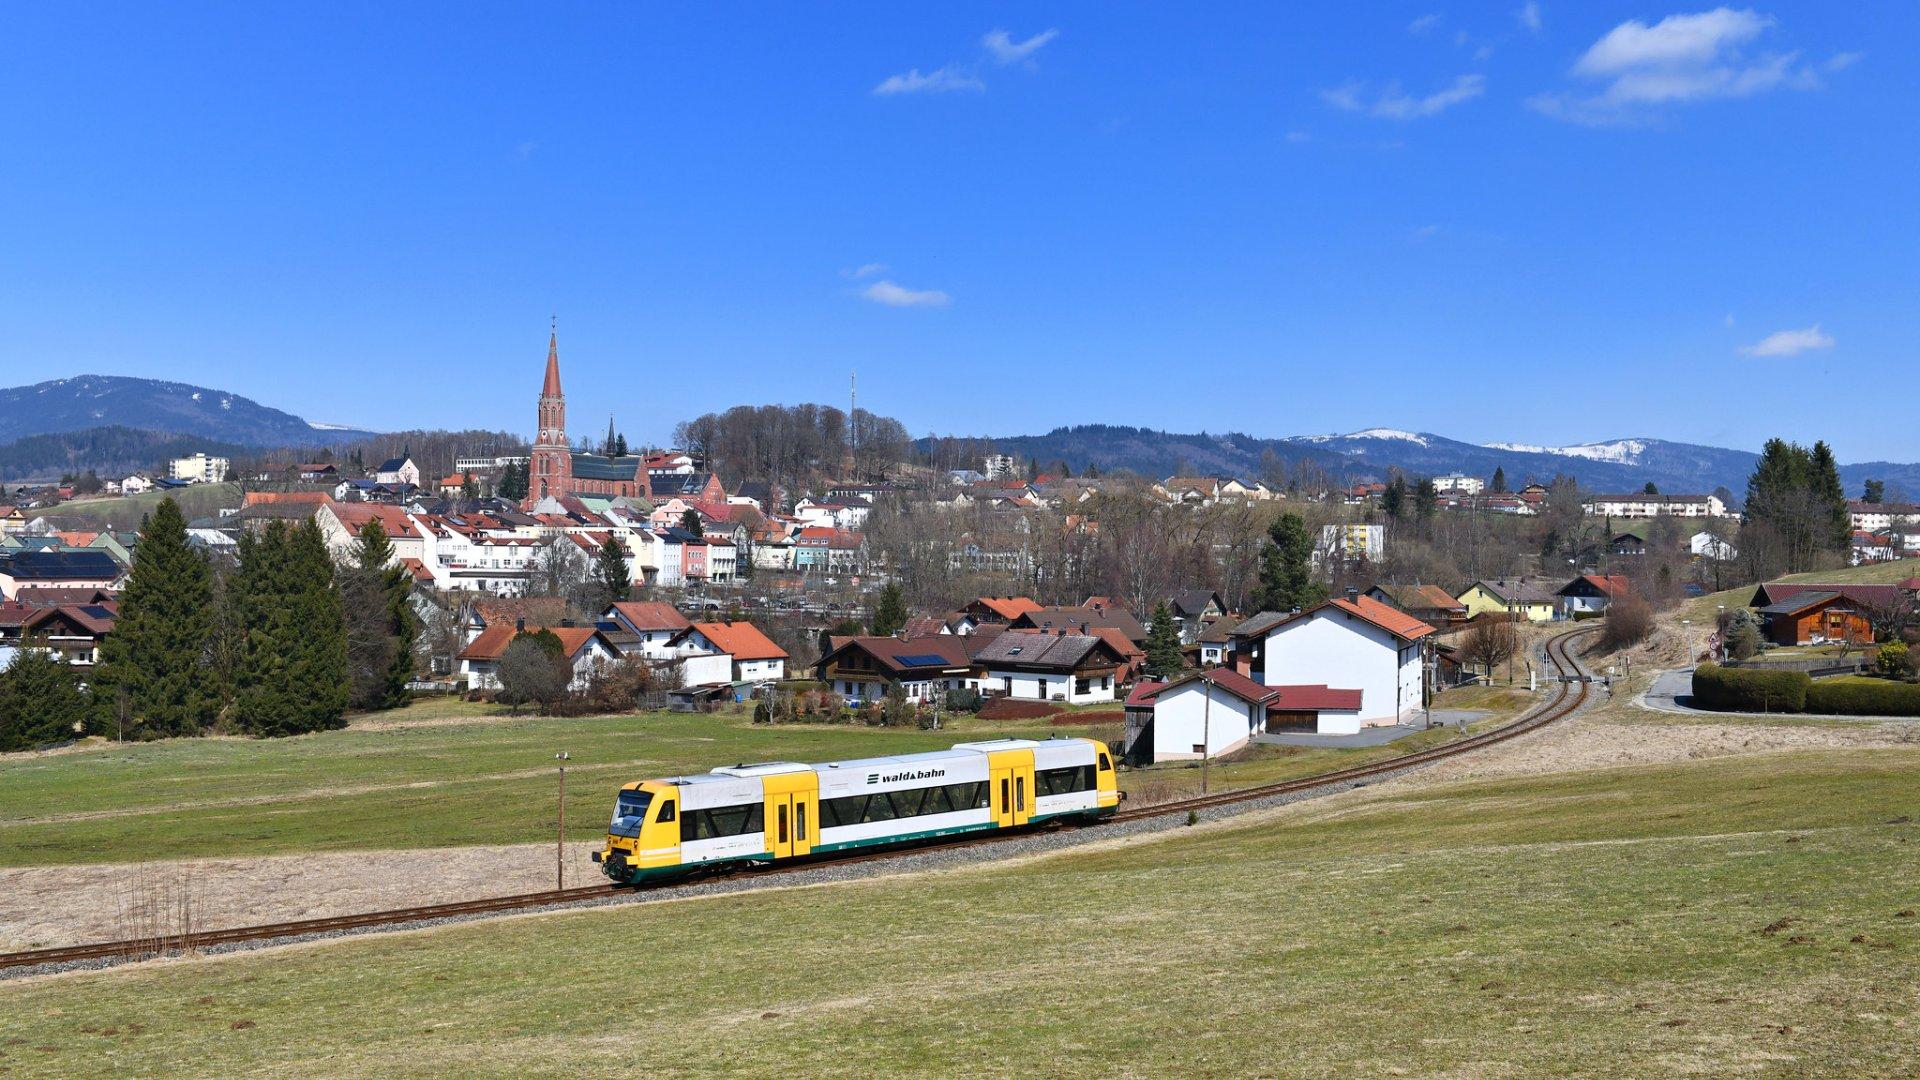 Lázeňské město Zwiesel na německé straně Šumavy